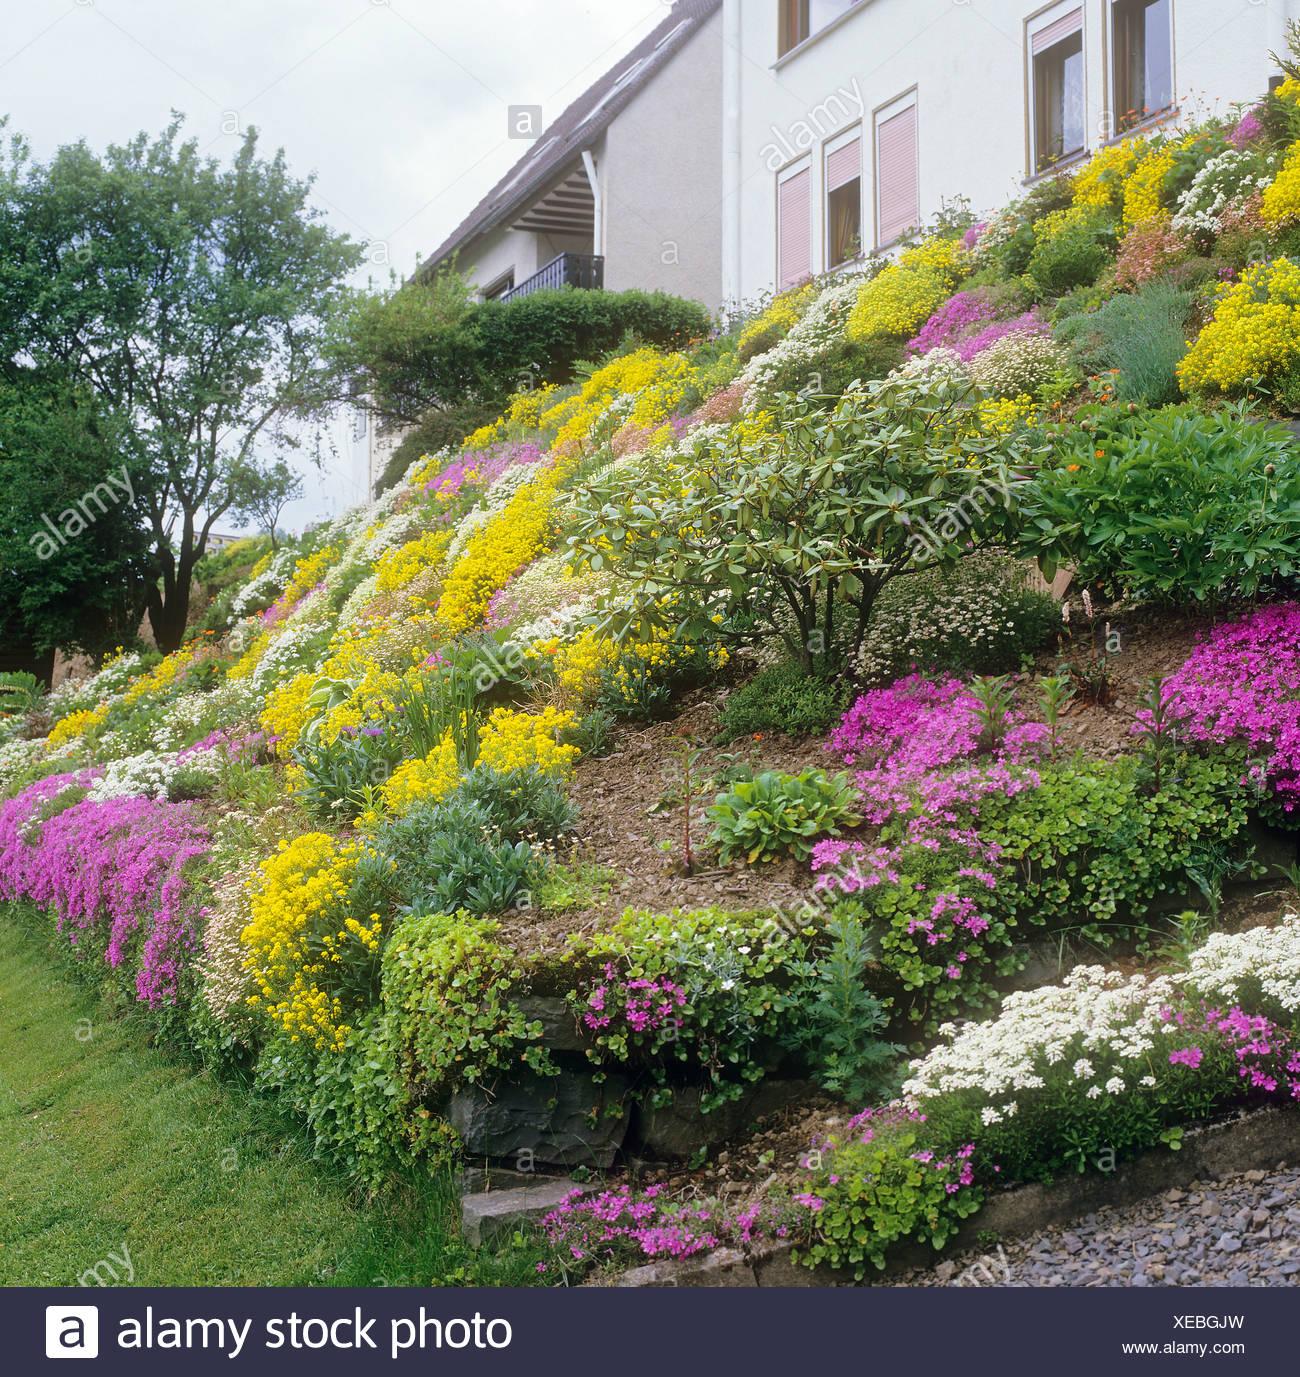 Steingarten mit verschiedenen Blumen Stockfoto, Bild: 284225617 - Alamy